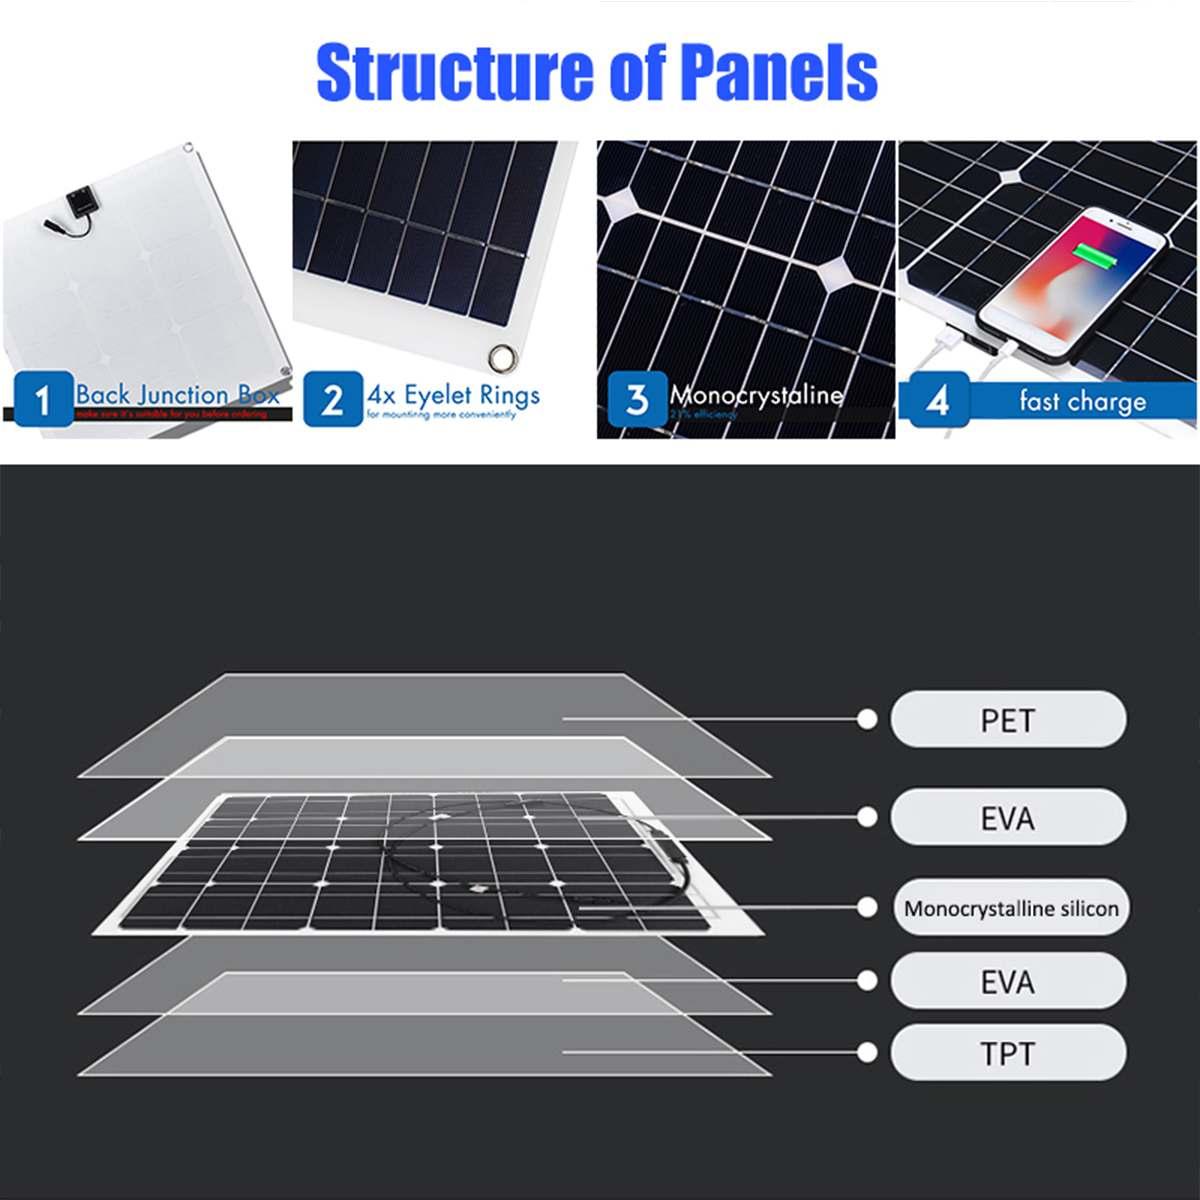 Nouveau silicium monocristallin Flexible du panneau solaire 18V 5V de 200W avec le contrôleur 10/20/30A pour la batterie solaire extérieure - 5